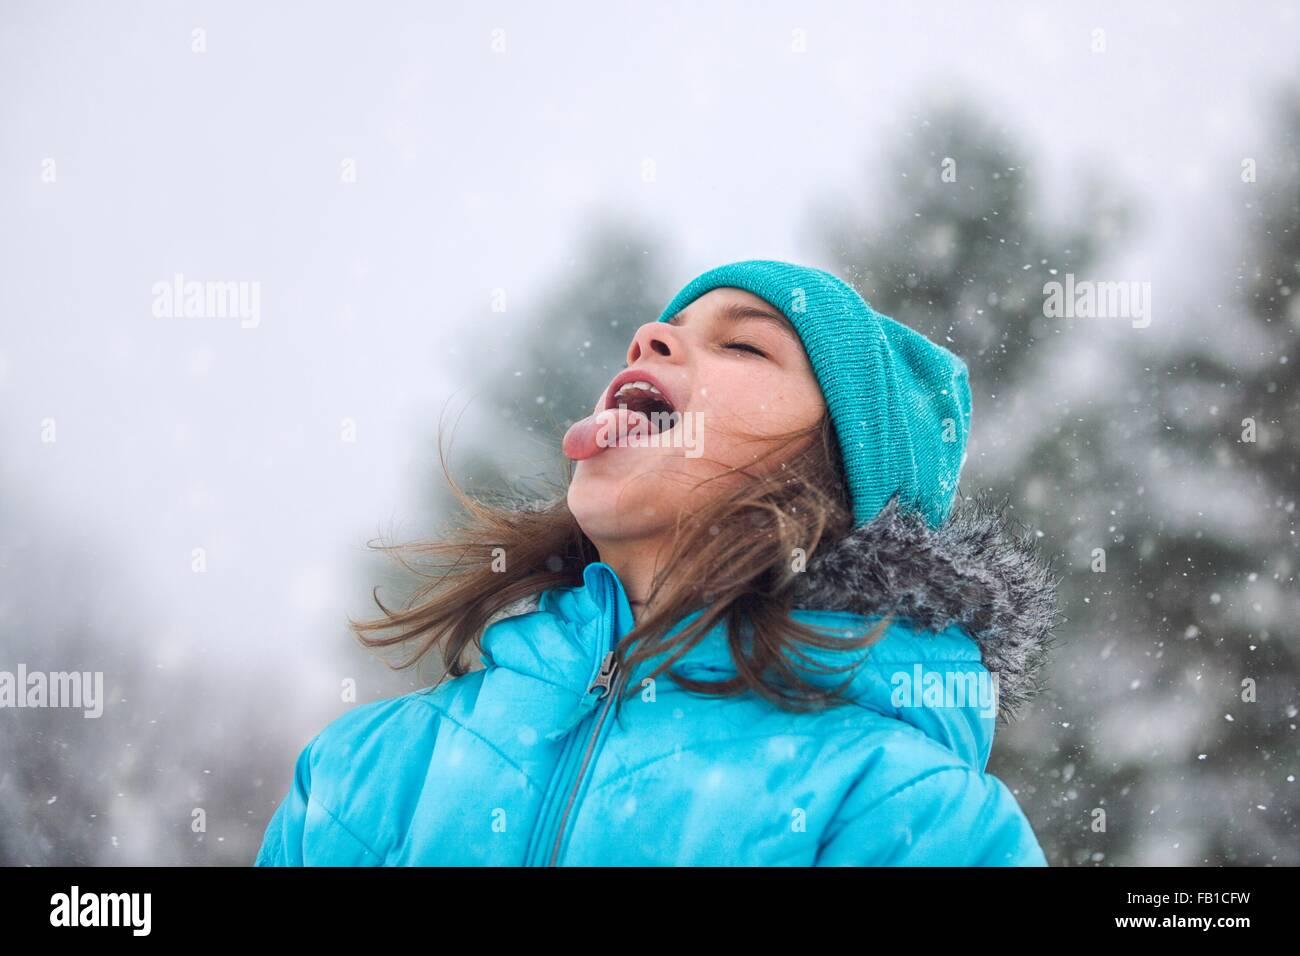 Ragazza guardando in alto, spuntavano lingua cattura i fiocchi di neve Immagini Stock